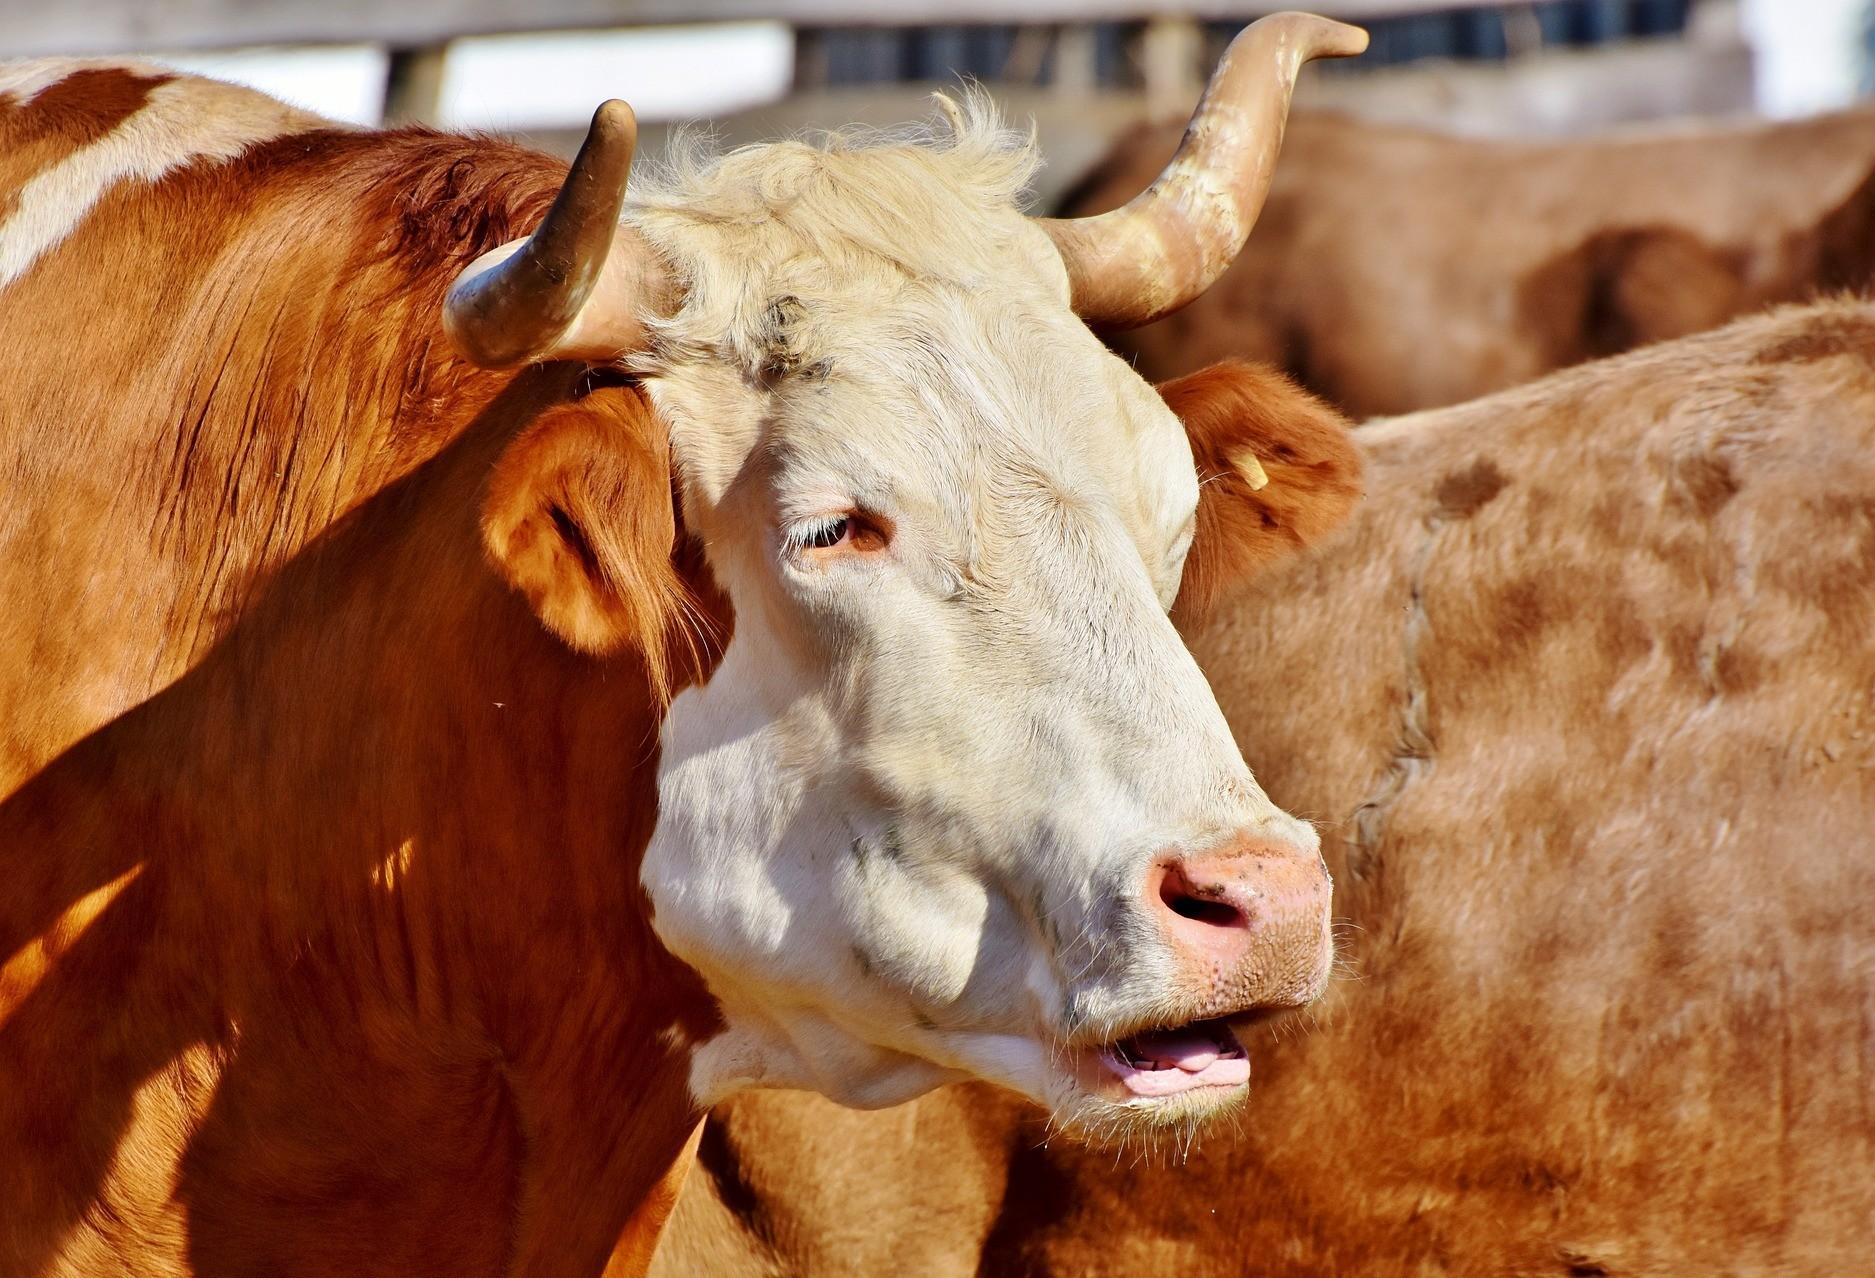 Em 2029, o Brasil deve produzir 12,6 milhões de toneladas de carne bovina